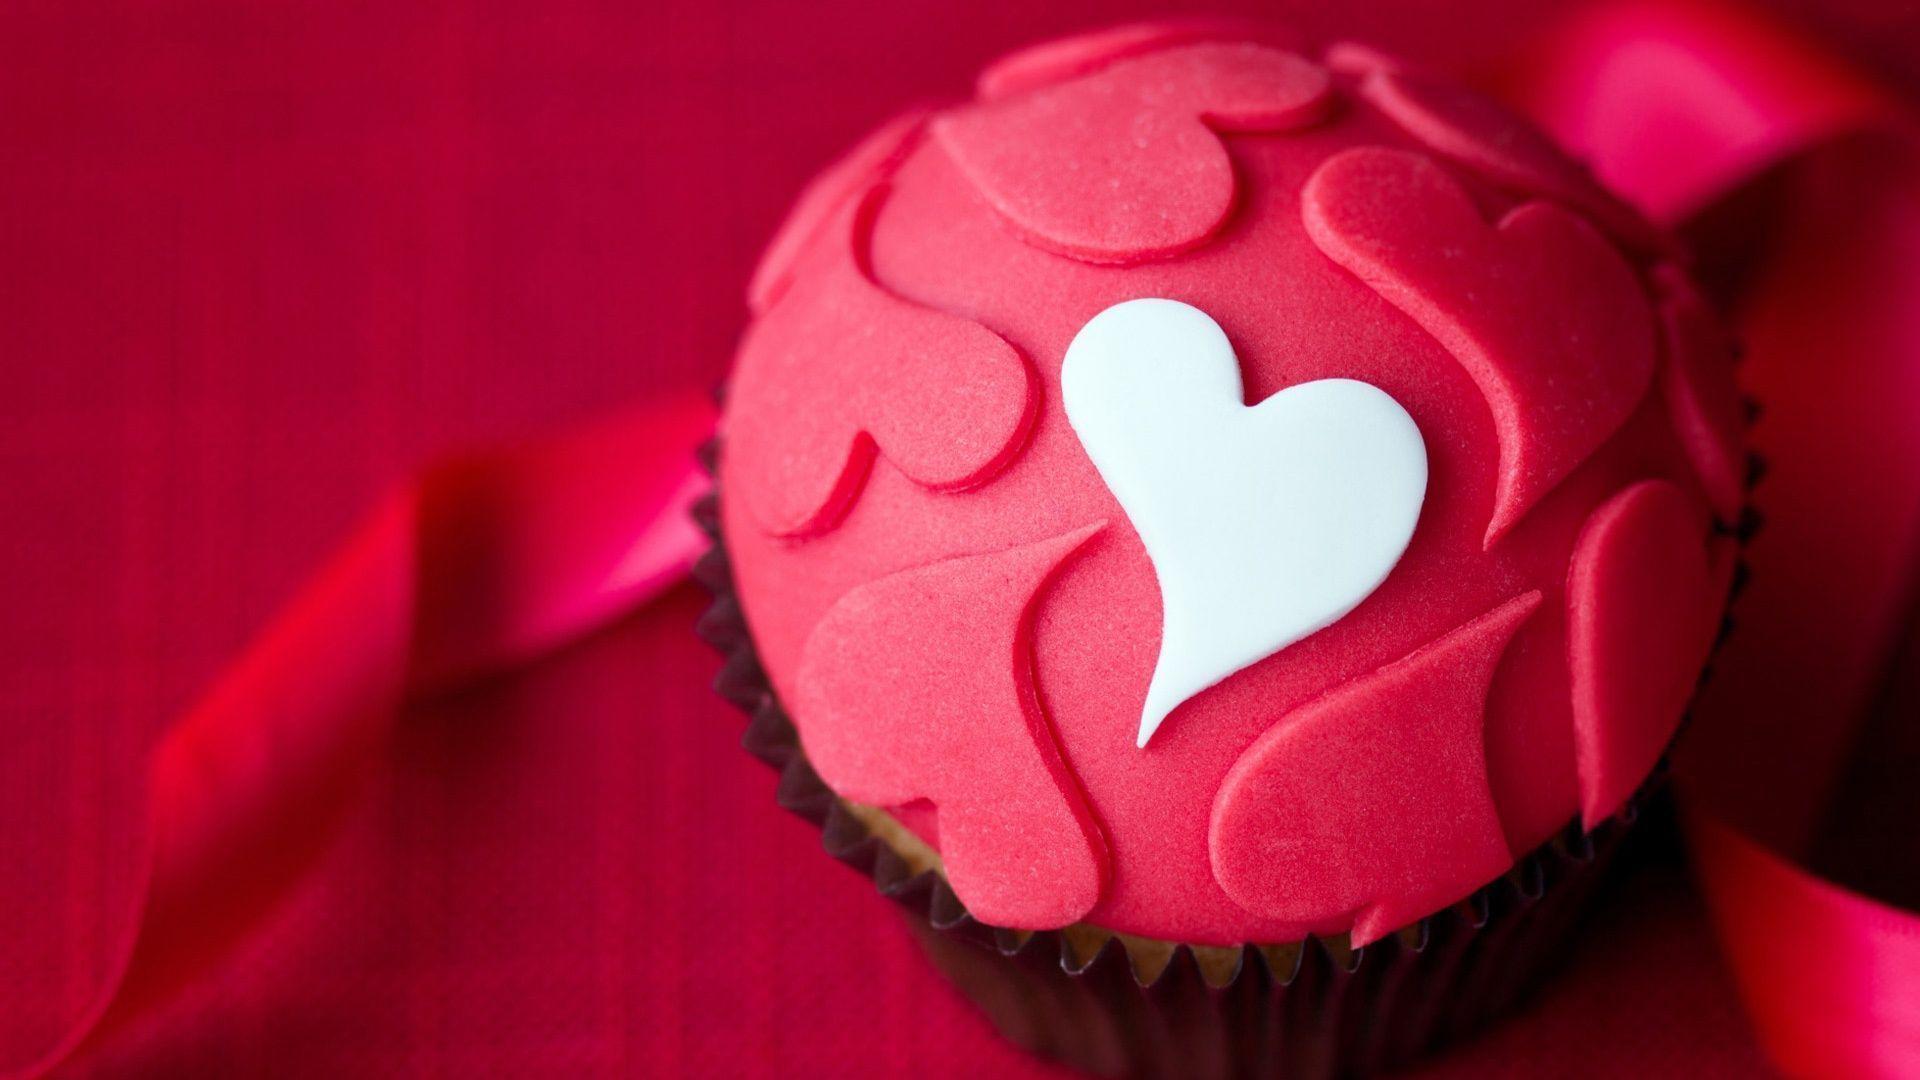 Love Cupcake Wallpapers